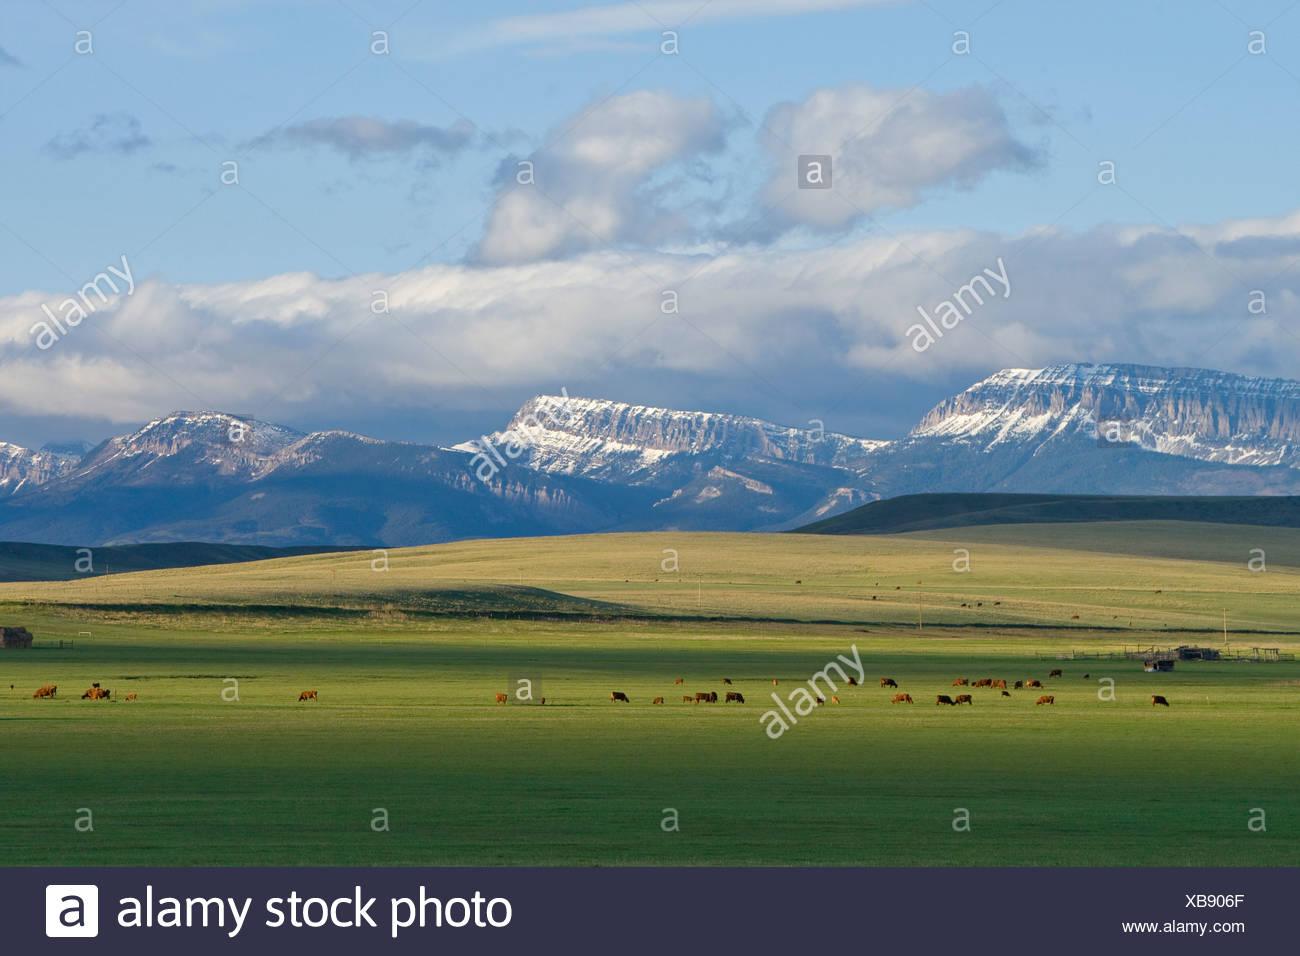 El ganado vacuno pastan en primavera exuberante césped saludable con el Sawtooth Ridge en el fondo / cerca de Augusta, Montana, EE.UU. Foto de stock